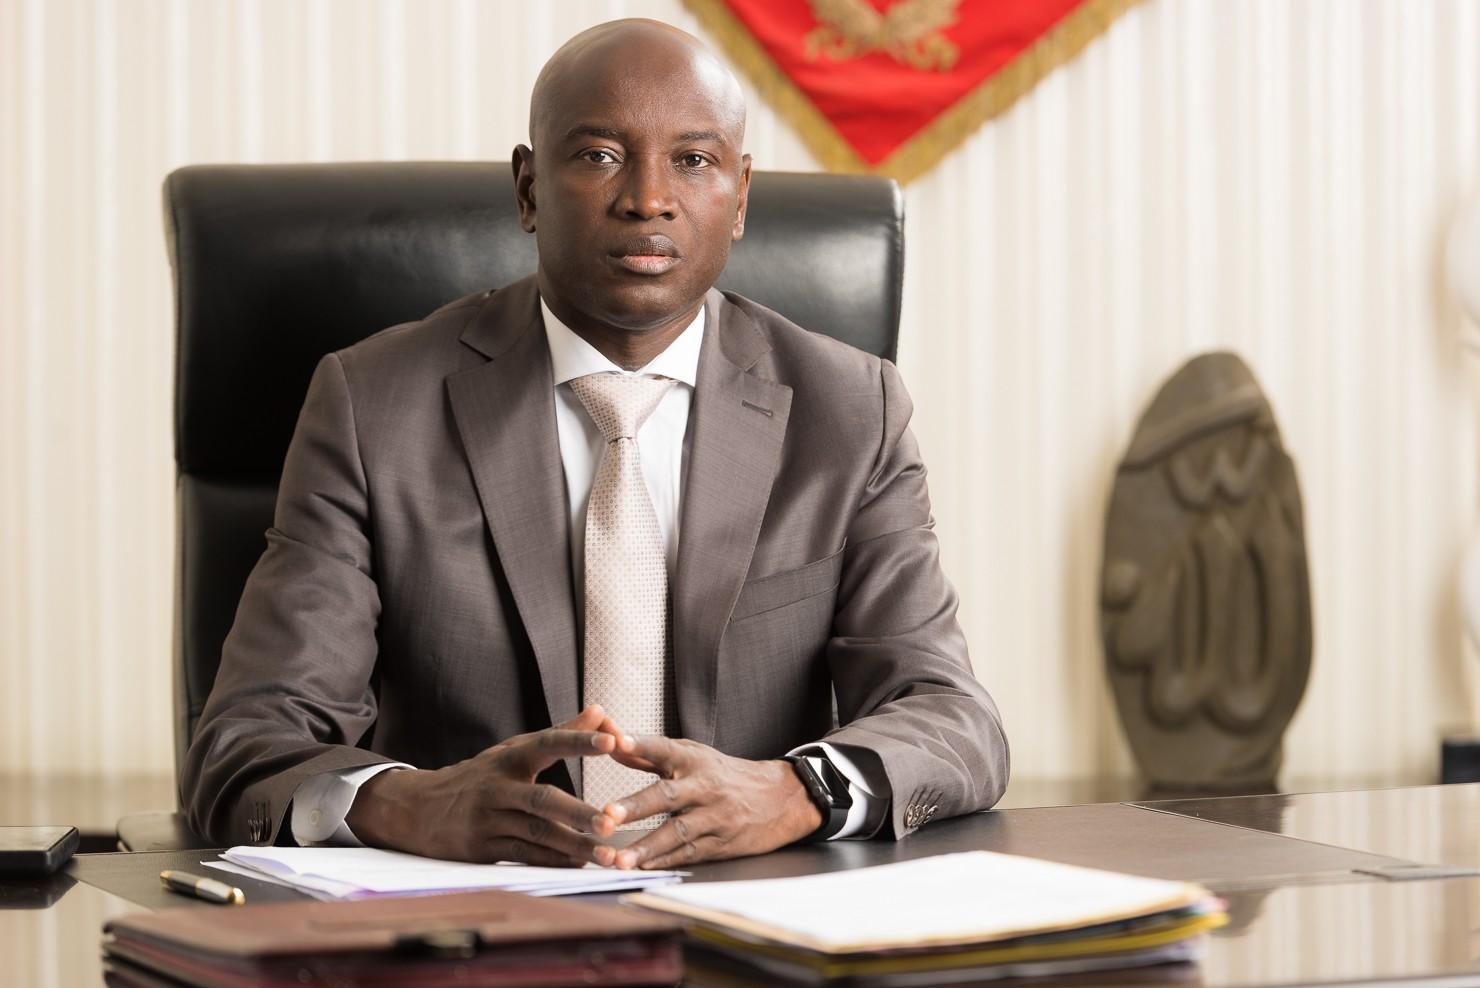 Élections locales – Aly Ngouille souffle un report: «Tout dépend de l'audit du fichier et de l'évaluation du processus»